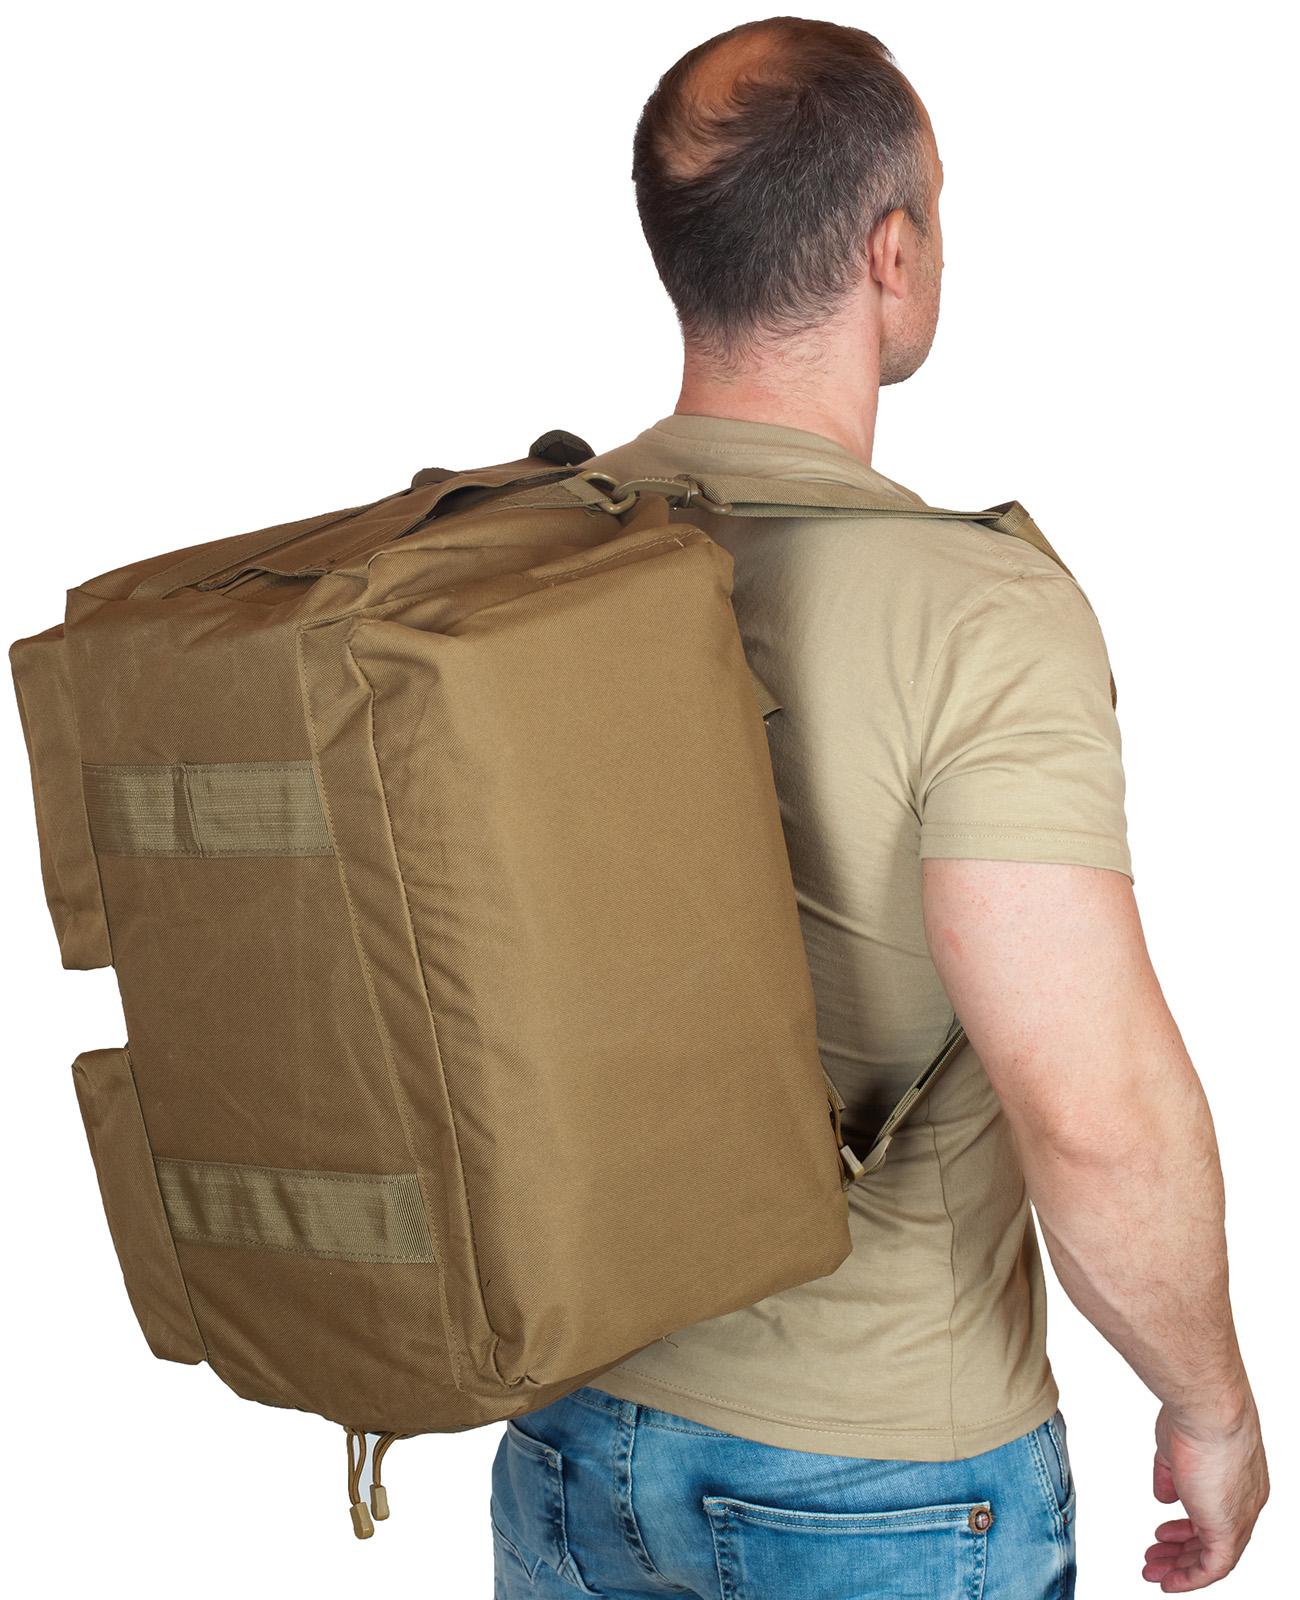 Эргономичная мужская сумка-рюкзак с нашивкой ДПС - заказать выгодно